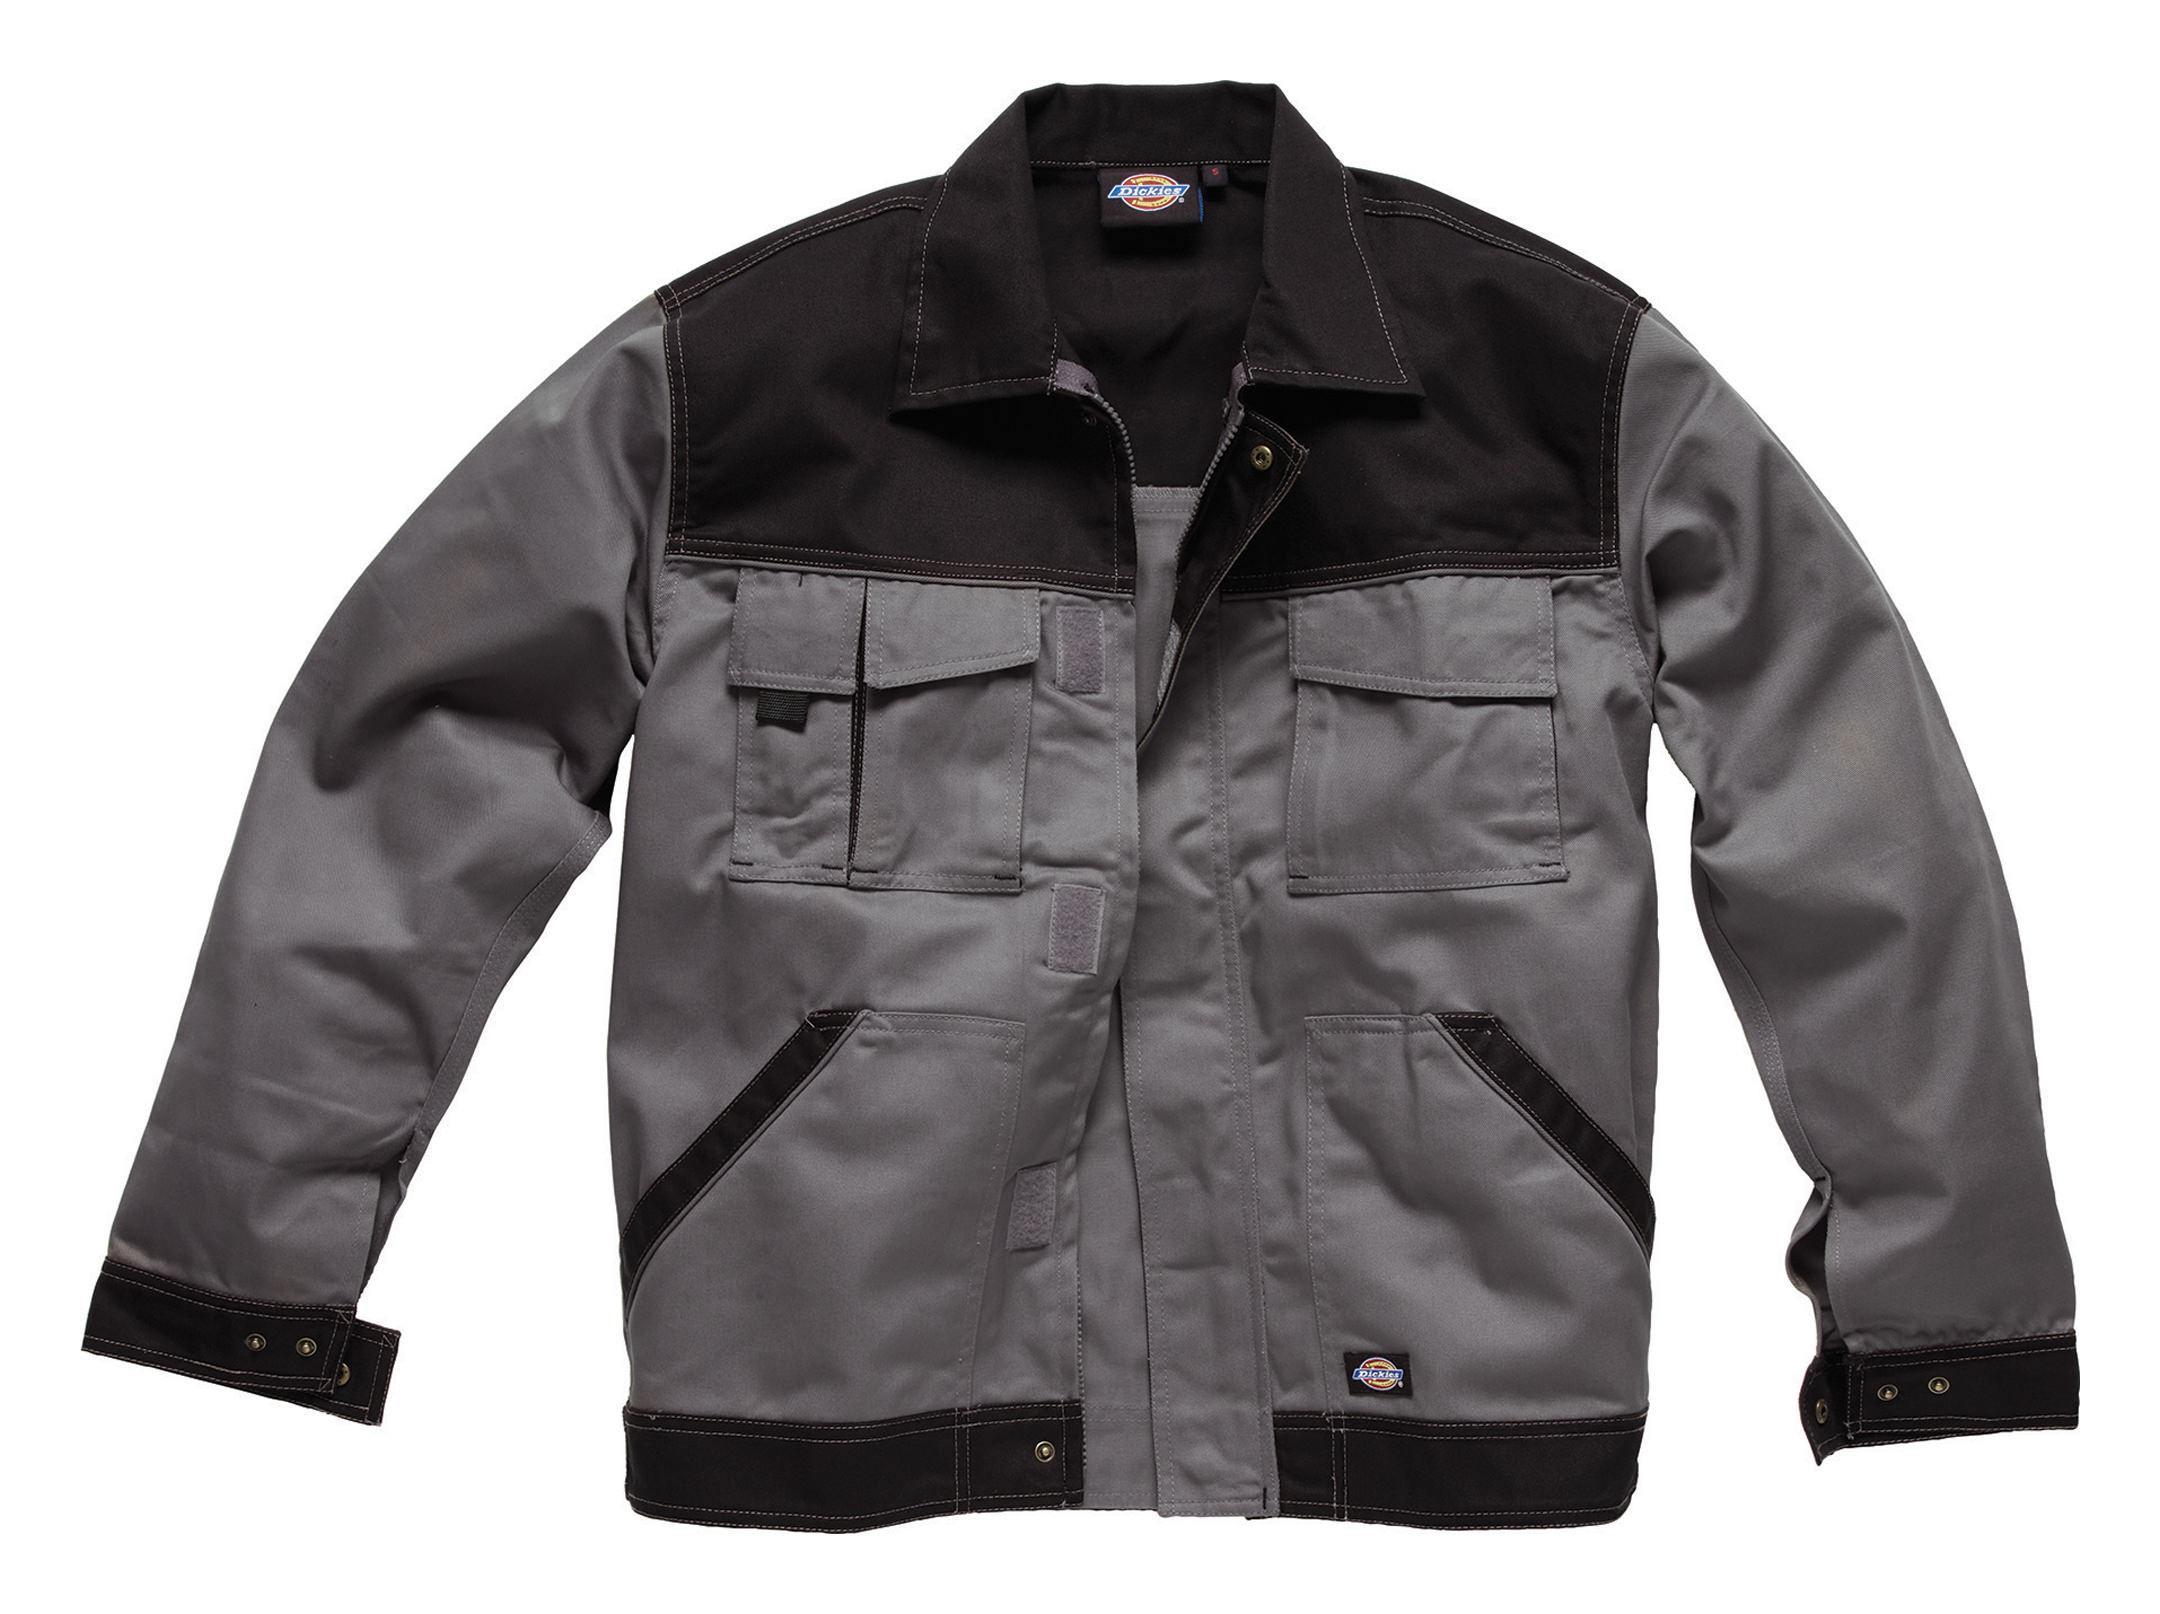 IN30050 GBK 54 Dickies Bermuda-Short Industry300 grau schwarz Größe 54